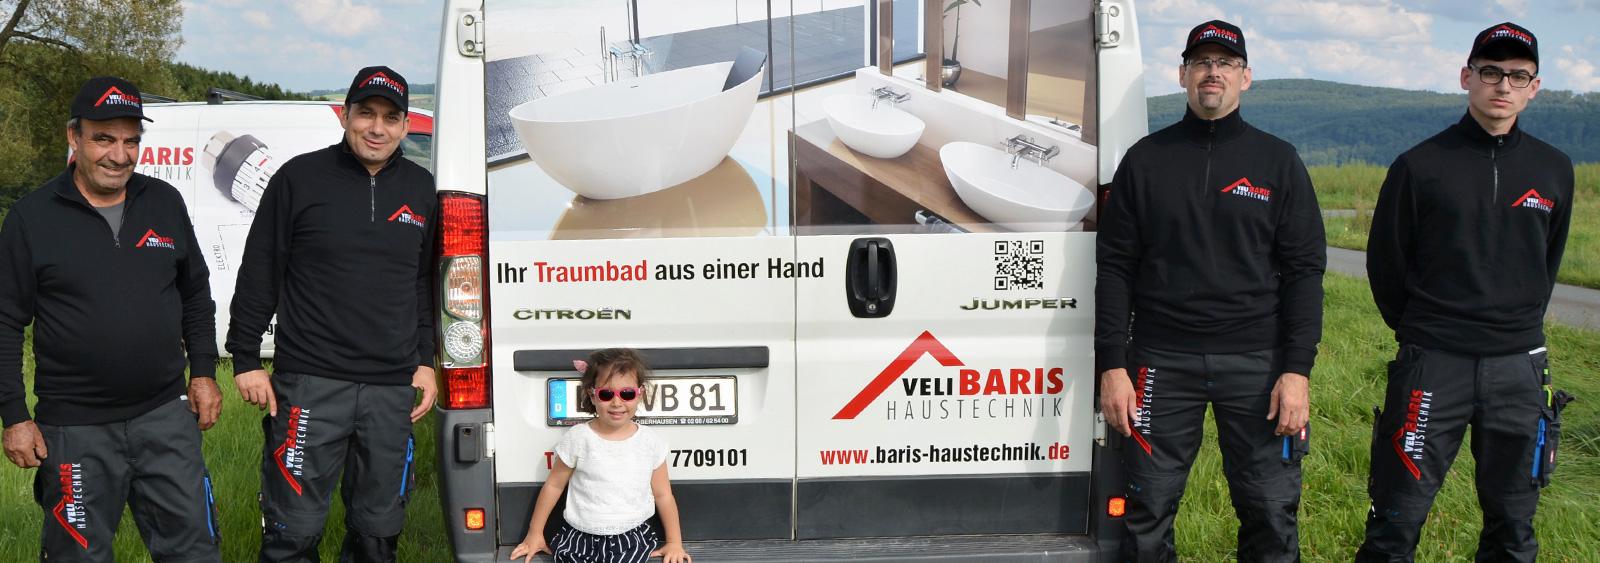 Baris Haustechnik, Komplettbäder Heizungstechnik Weilburg Wetzlar